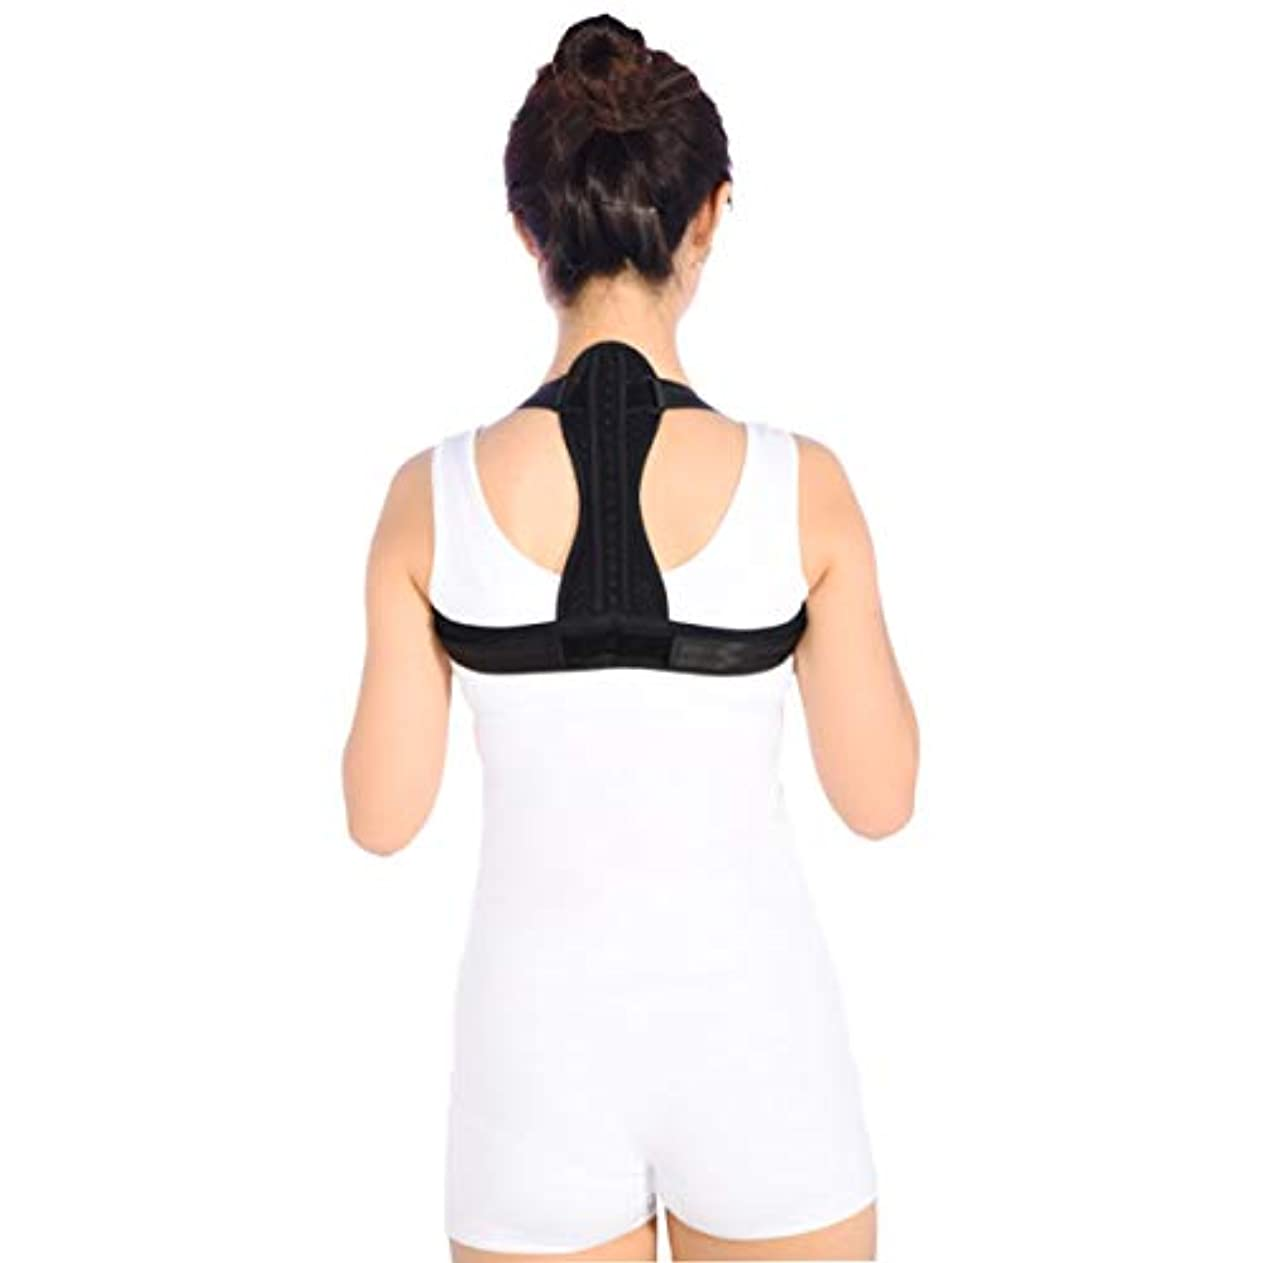 適合しましたゲート読書をする通気性の脊柱側弯症ザトウクジラ補正ベルト調節可能な快適さ目に見えないベルト男性女性大人学生子供 - 黒